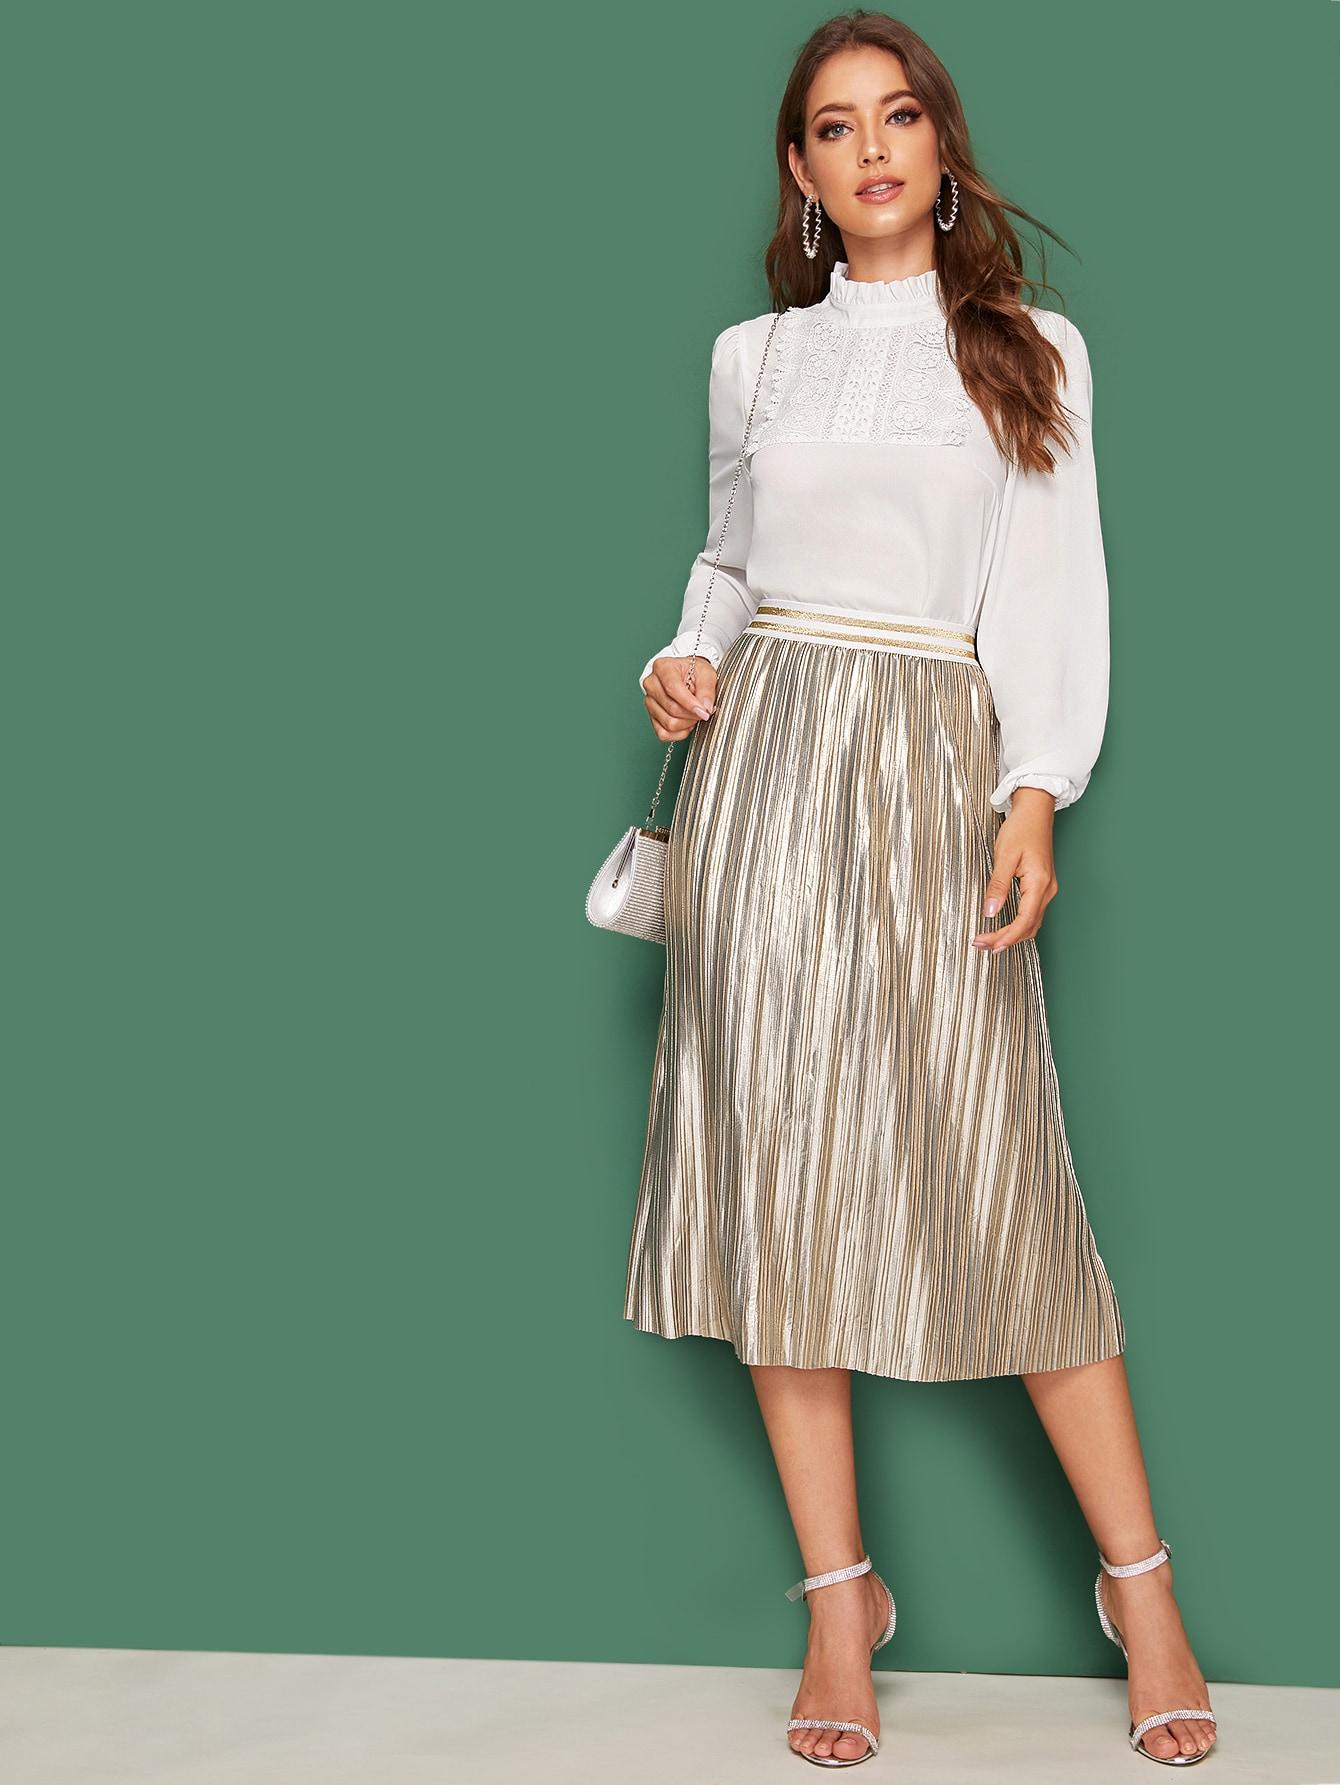 Фото - Топ с кружевной отделкой и юбка металлическогоцвета от SheIn белого цвета